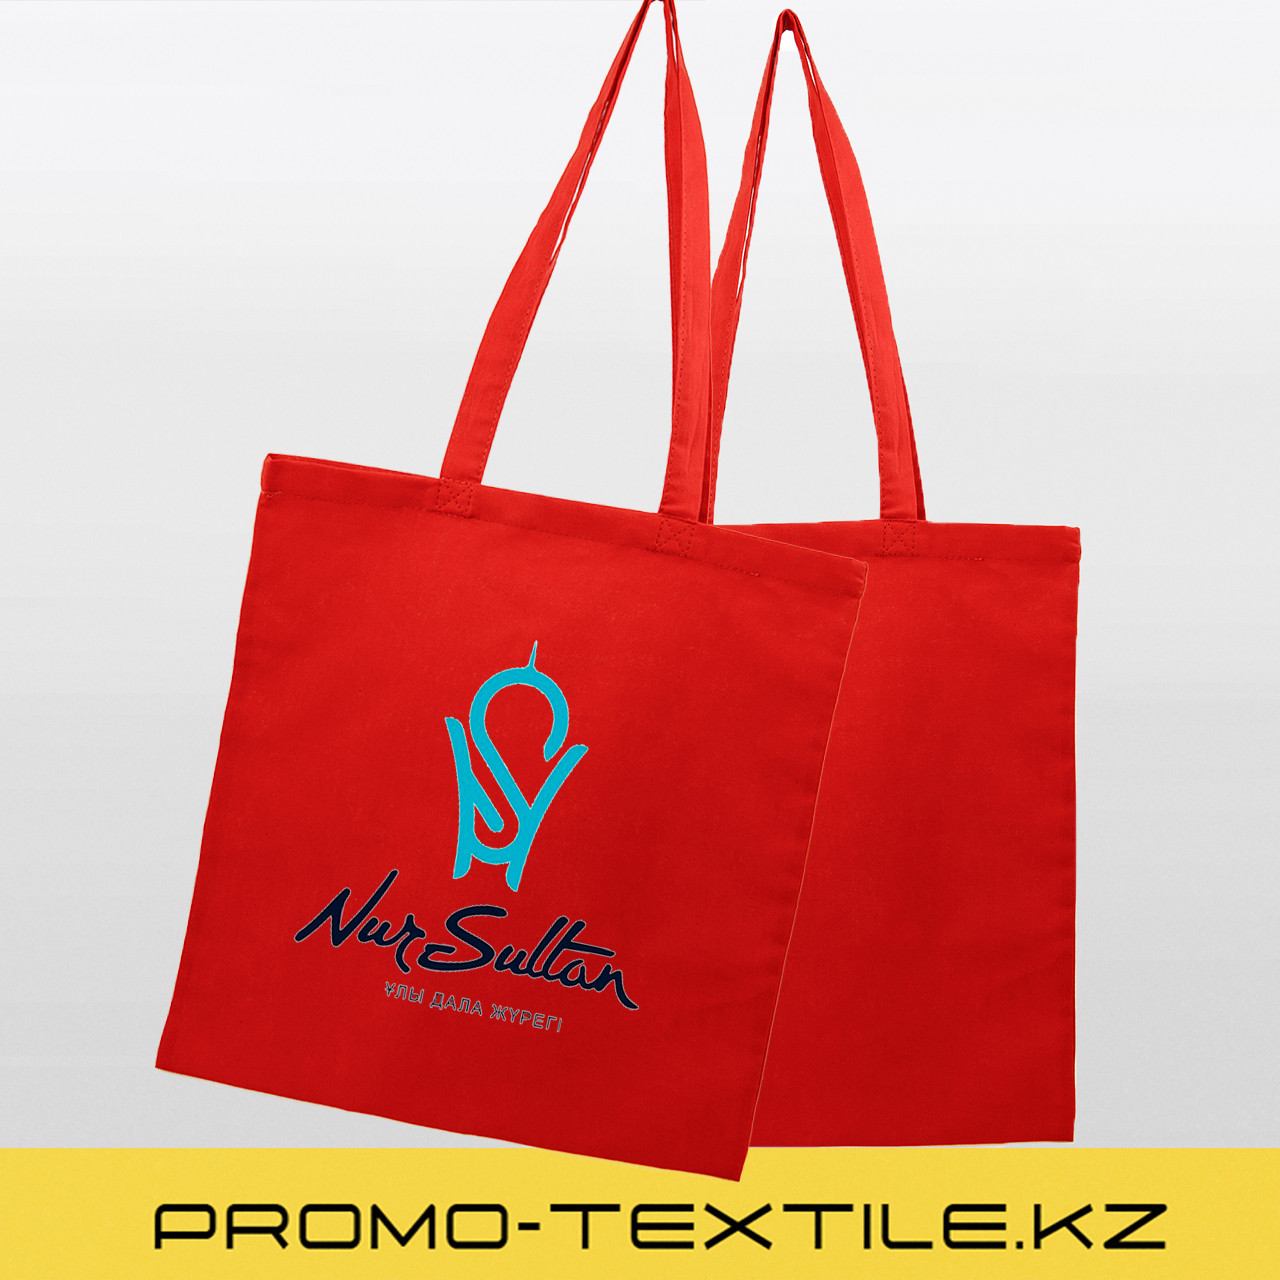 Сумка шоппер с принтом   Красная экосумка под нанесение логотипа